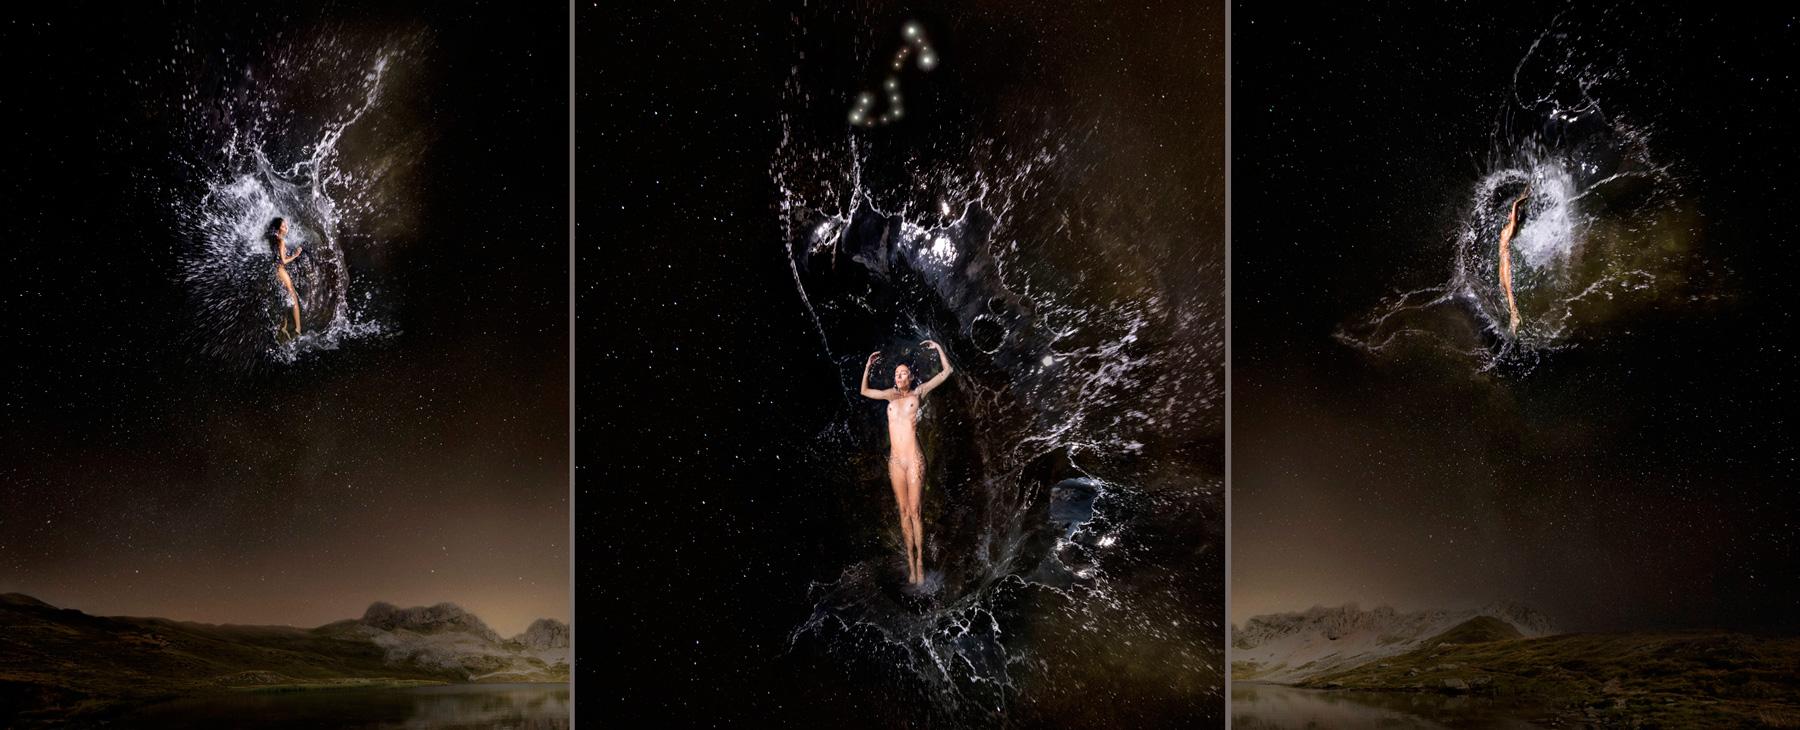 EUFONÍA de la Constelación de ESCORPIO. Fotografía digital nocturna y acuática. Configuración y retoque digitales